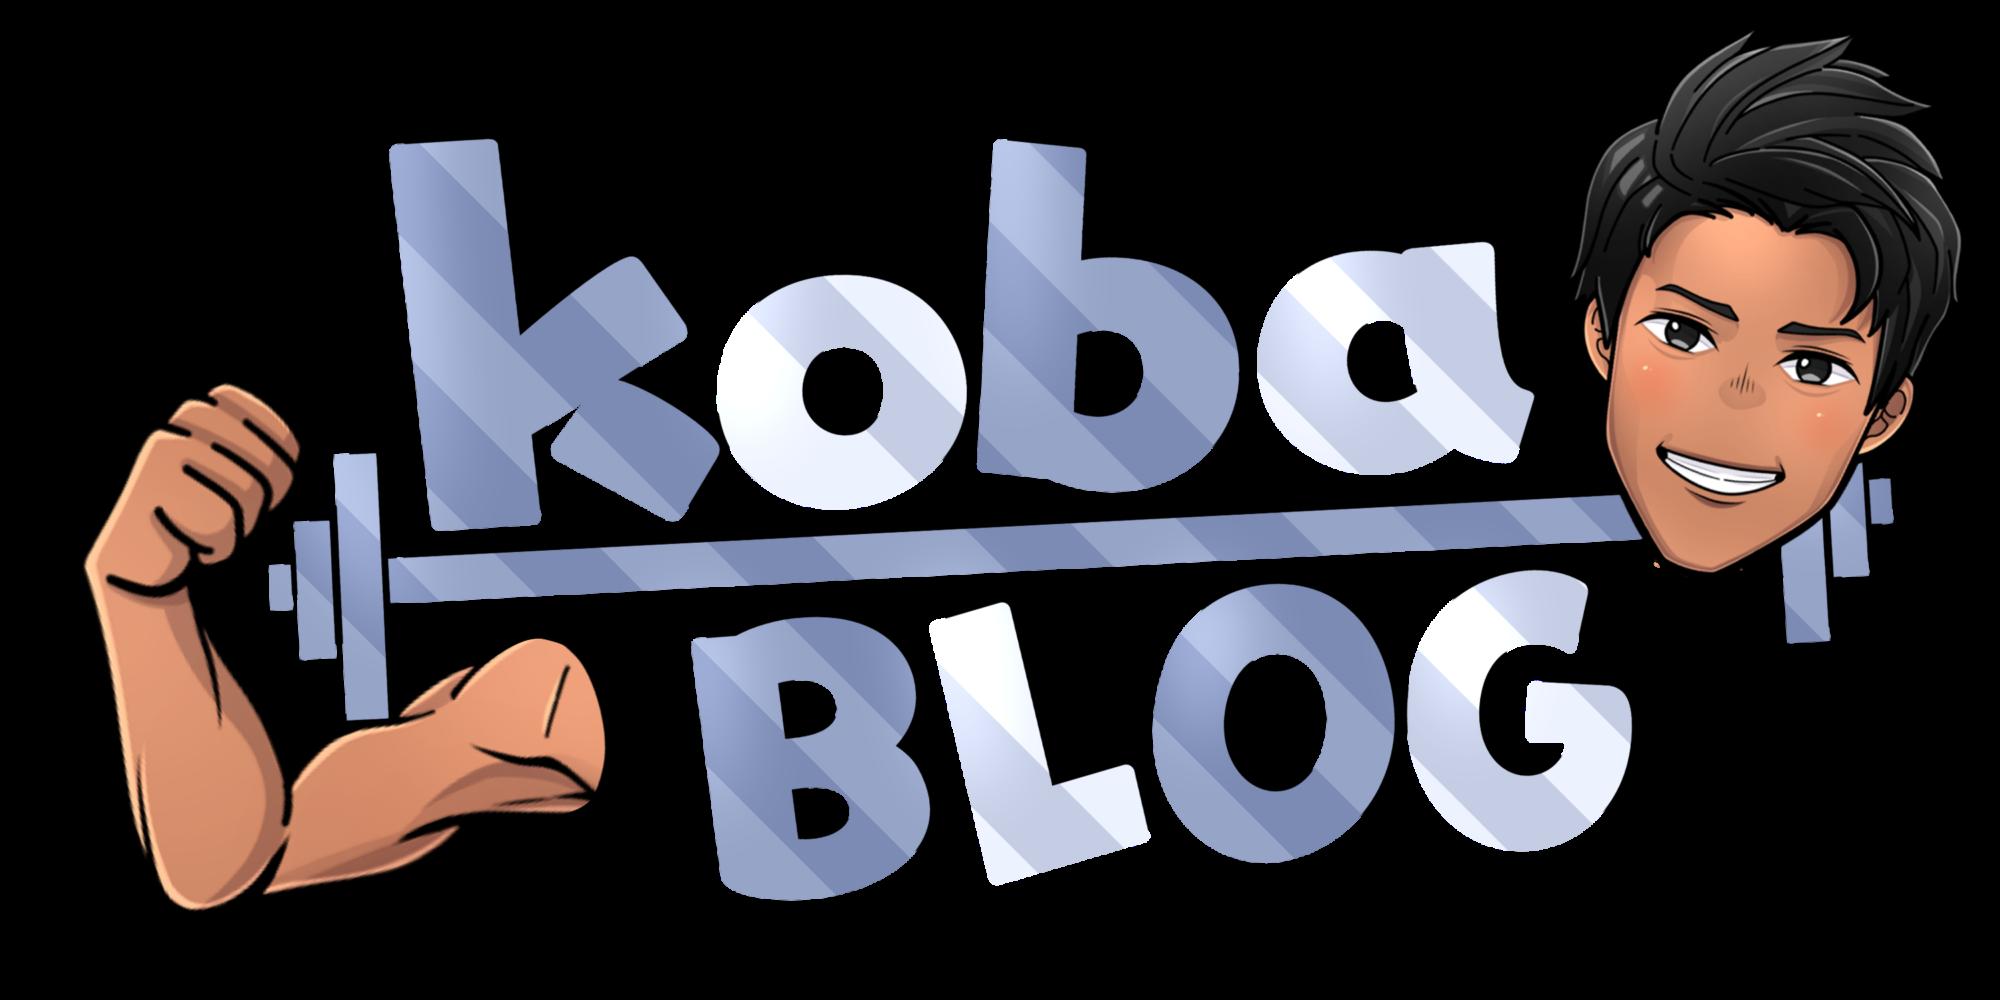 kobaBLOG